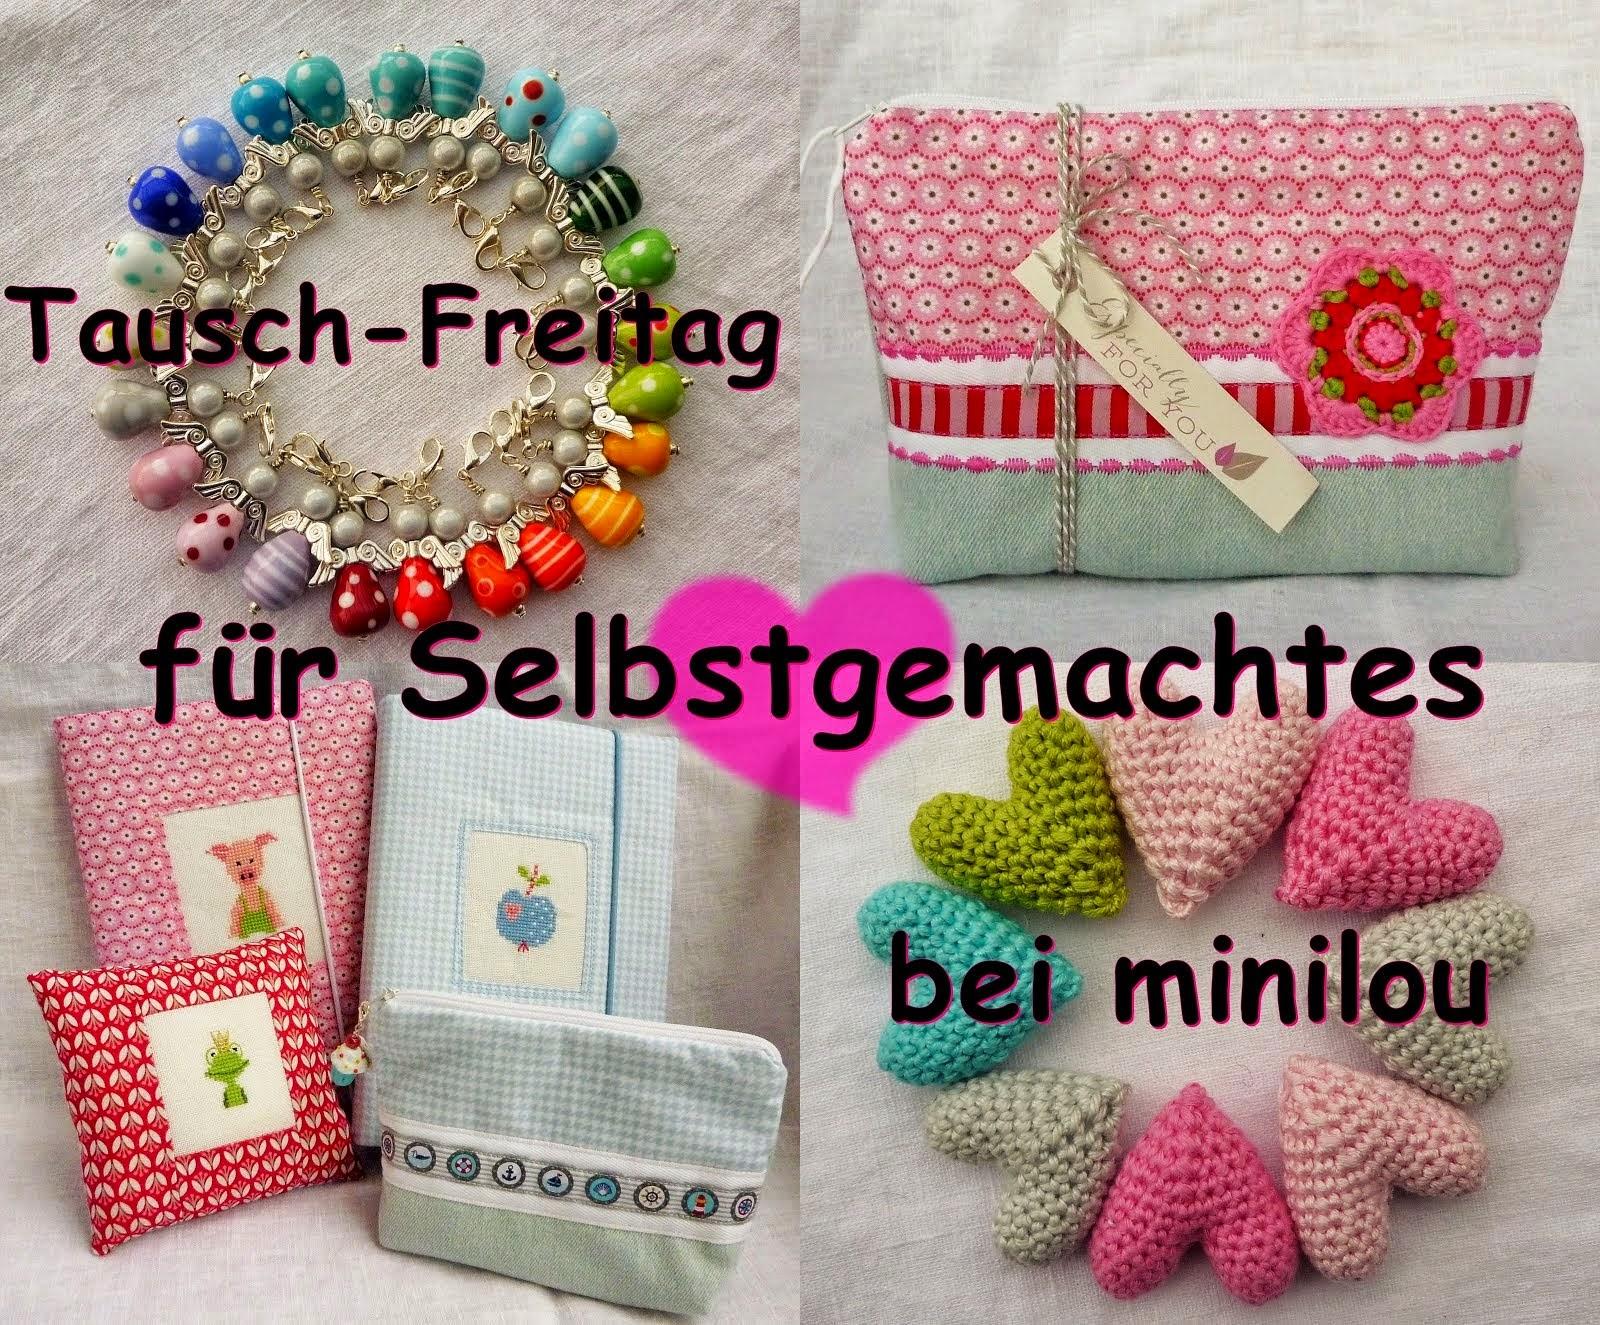 http://minilou-mitliebegemacht.blogspot.de/2015/01/tausch-freitag-2015-2.html